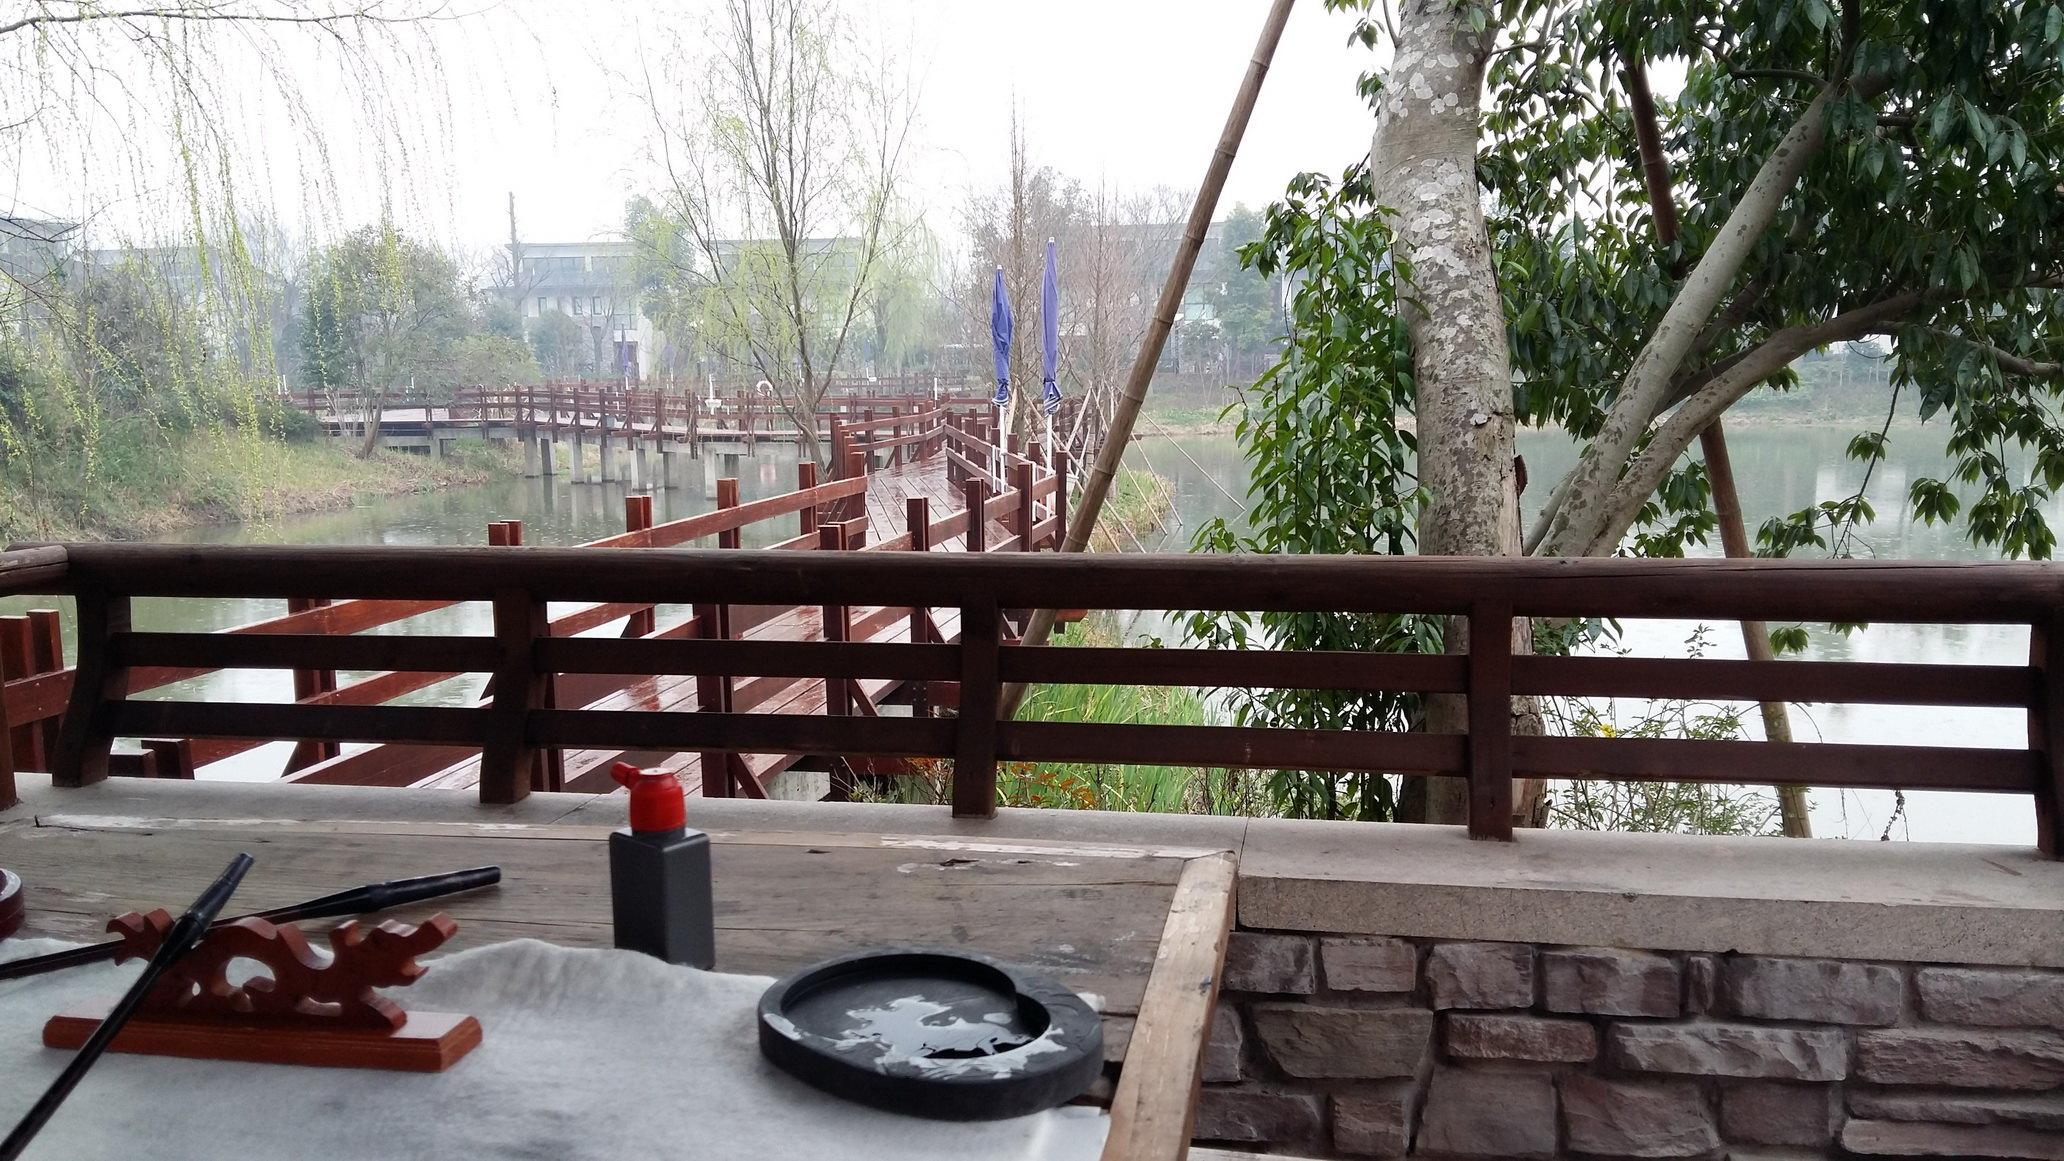 友情提醒:到了杭州汽车西站,请到路对面打车奔西溪宾馆,请无视相当一